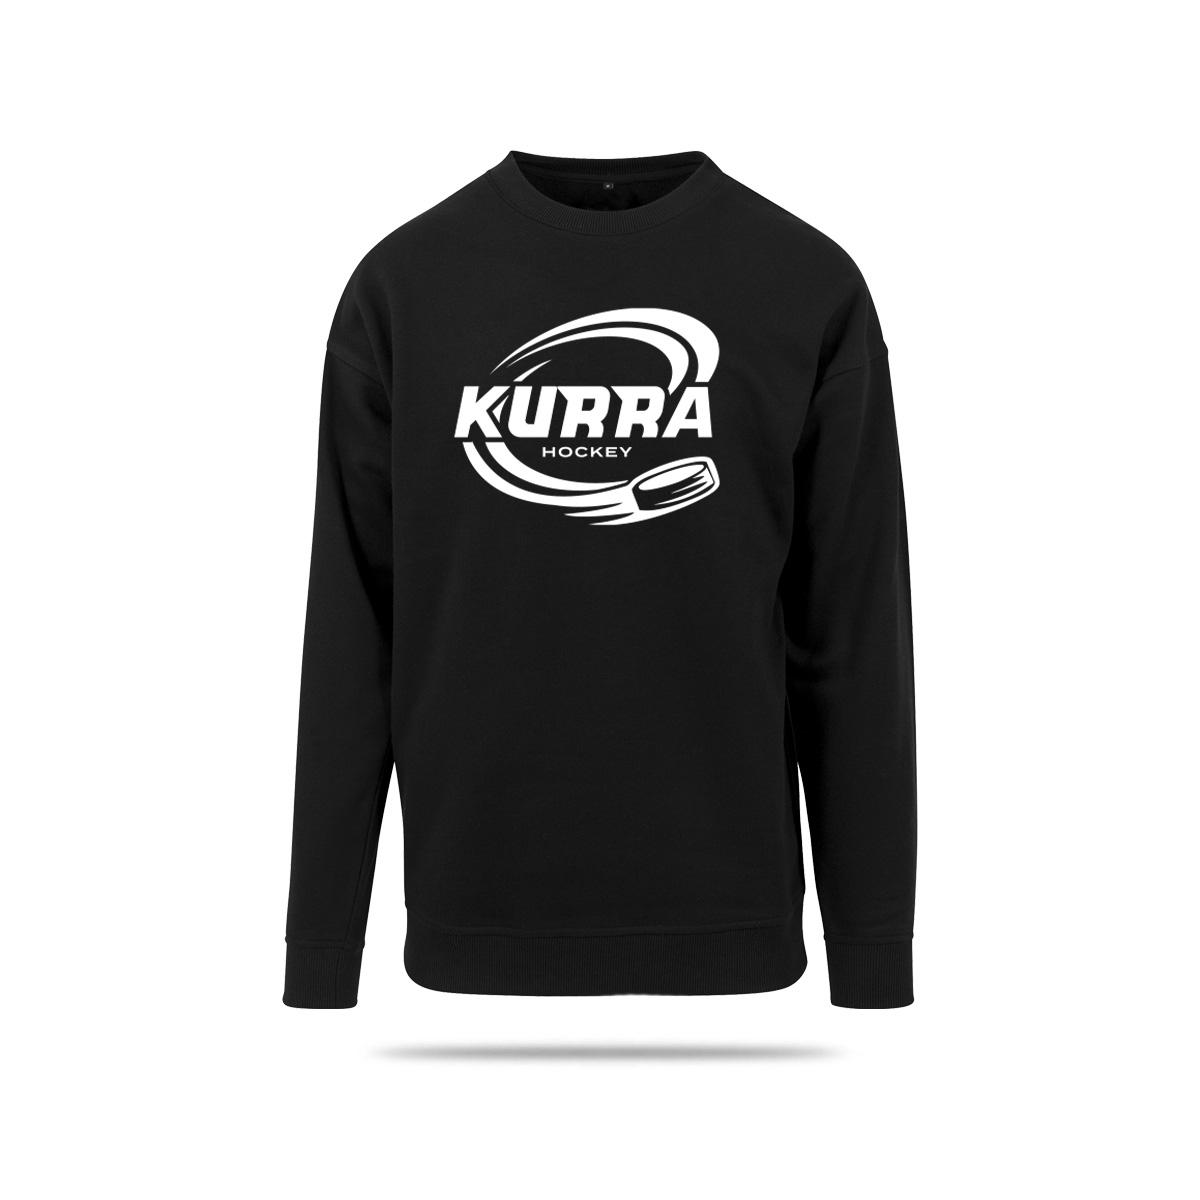 Kurra-Mono-6004-musta